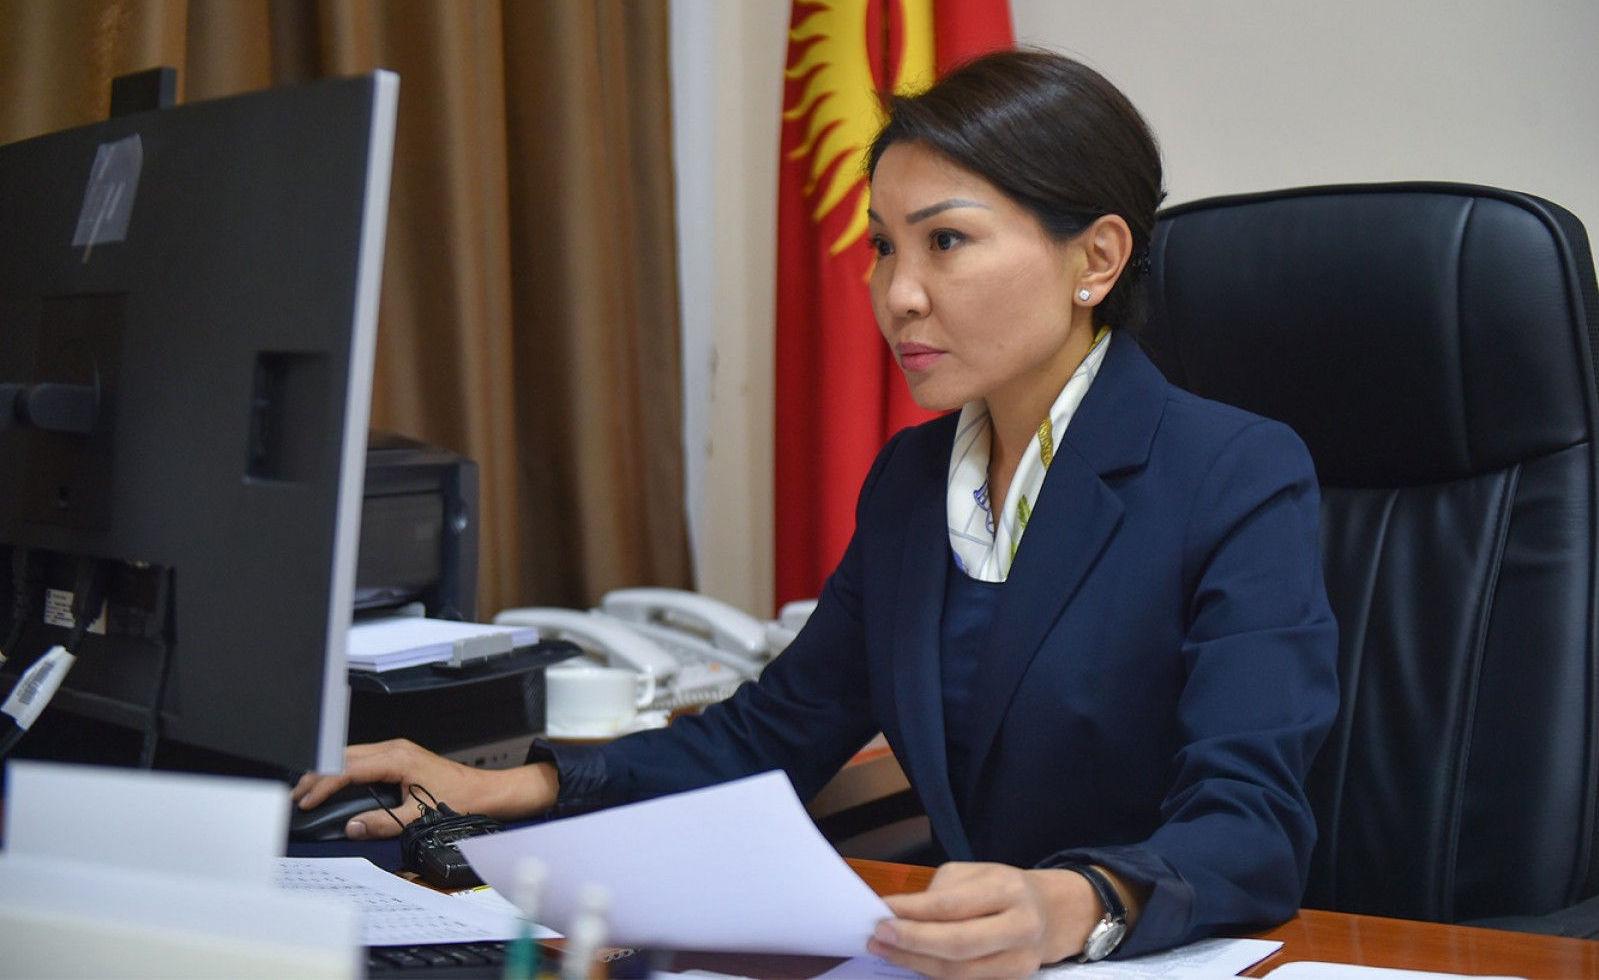 Вице-премьер-министр Кыргызской Республики Эльвира Сурабалдиева провела очередное заседание Республиканского оперативного штаба. 02 декабря 2020 года